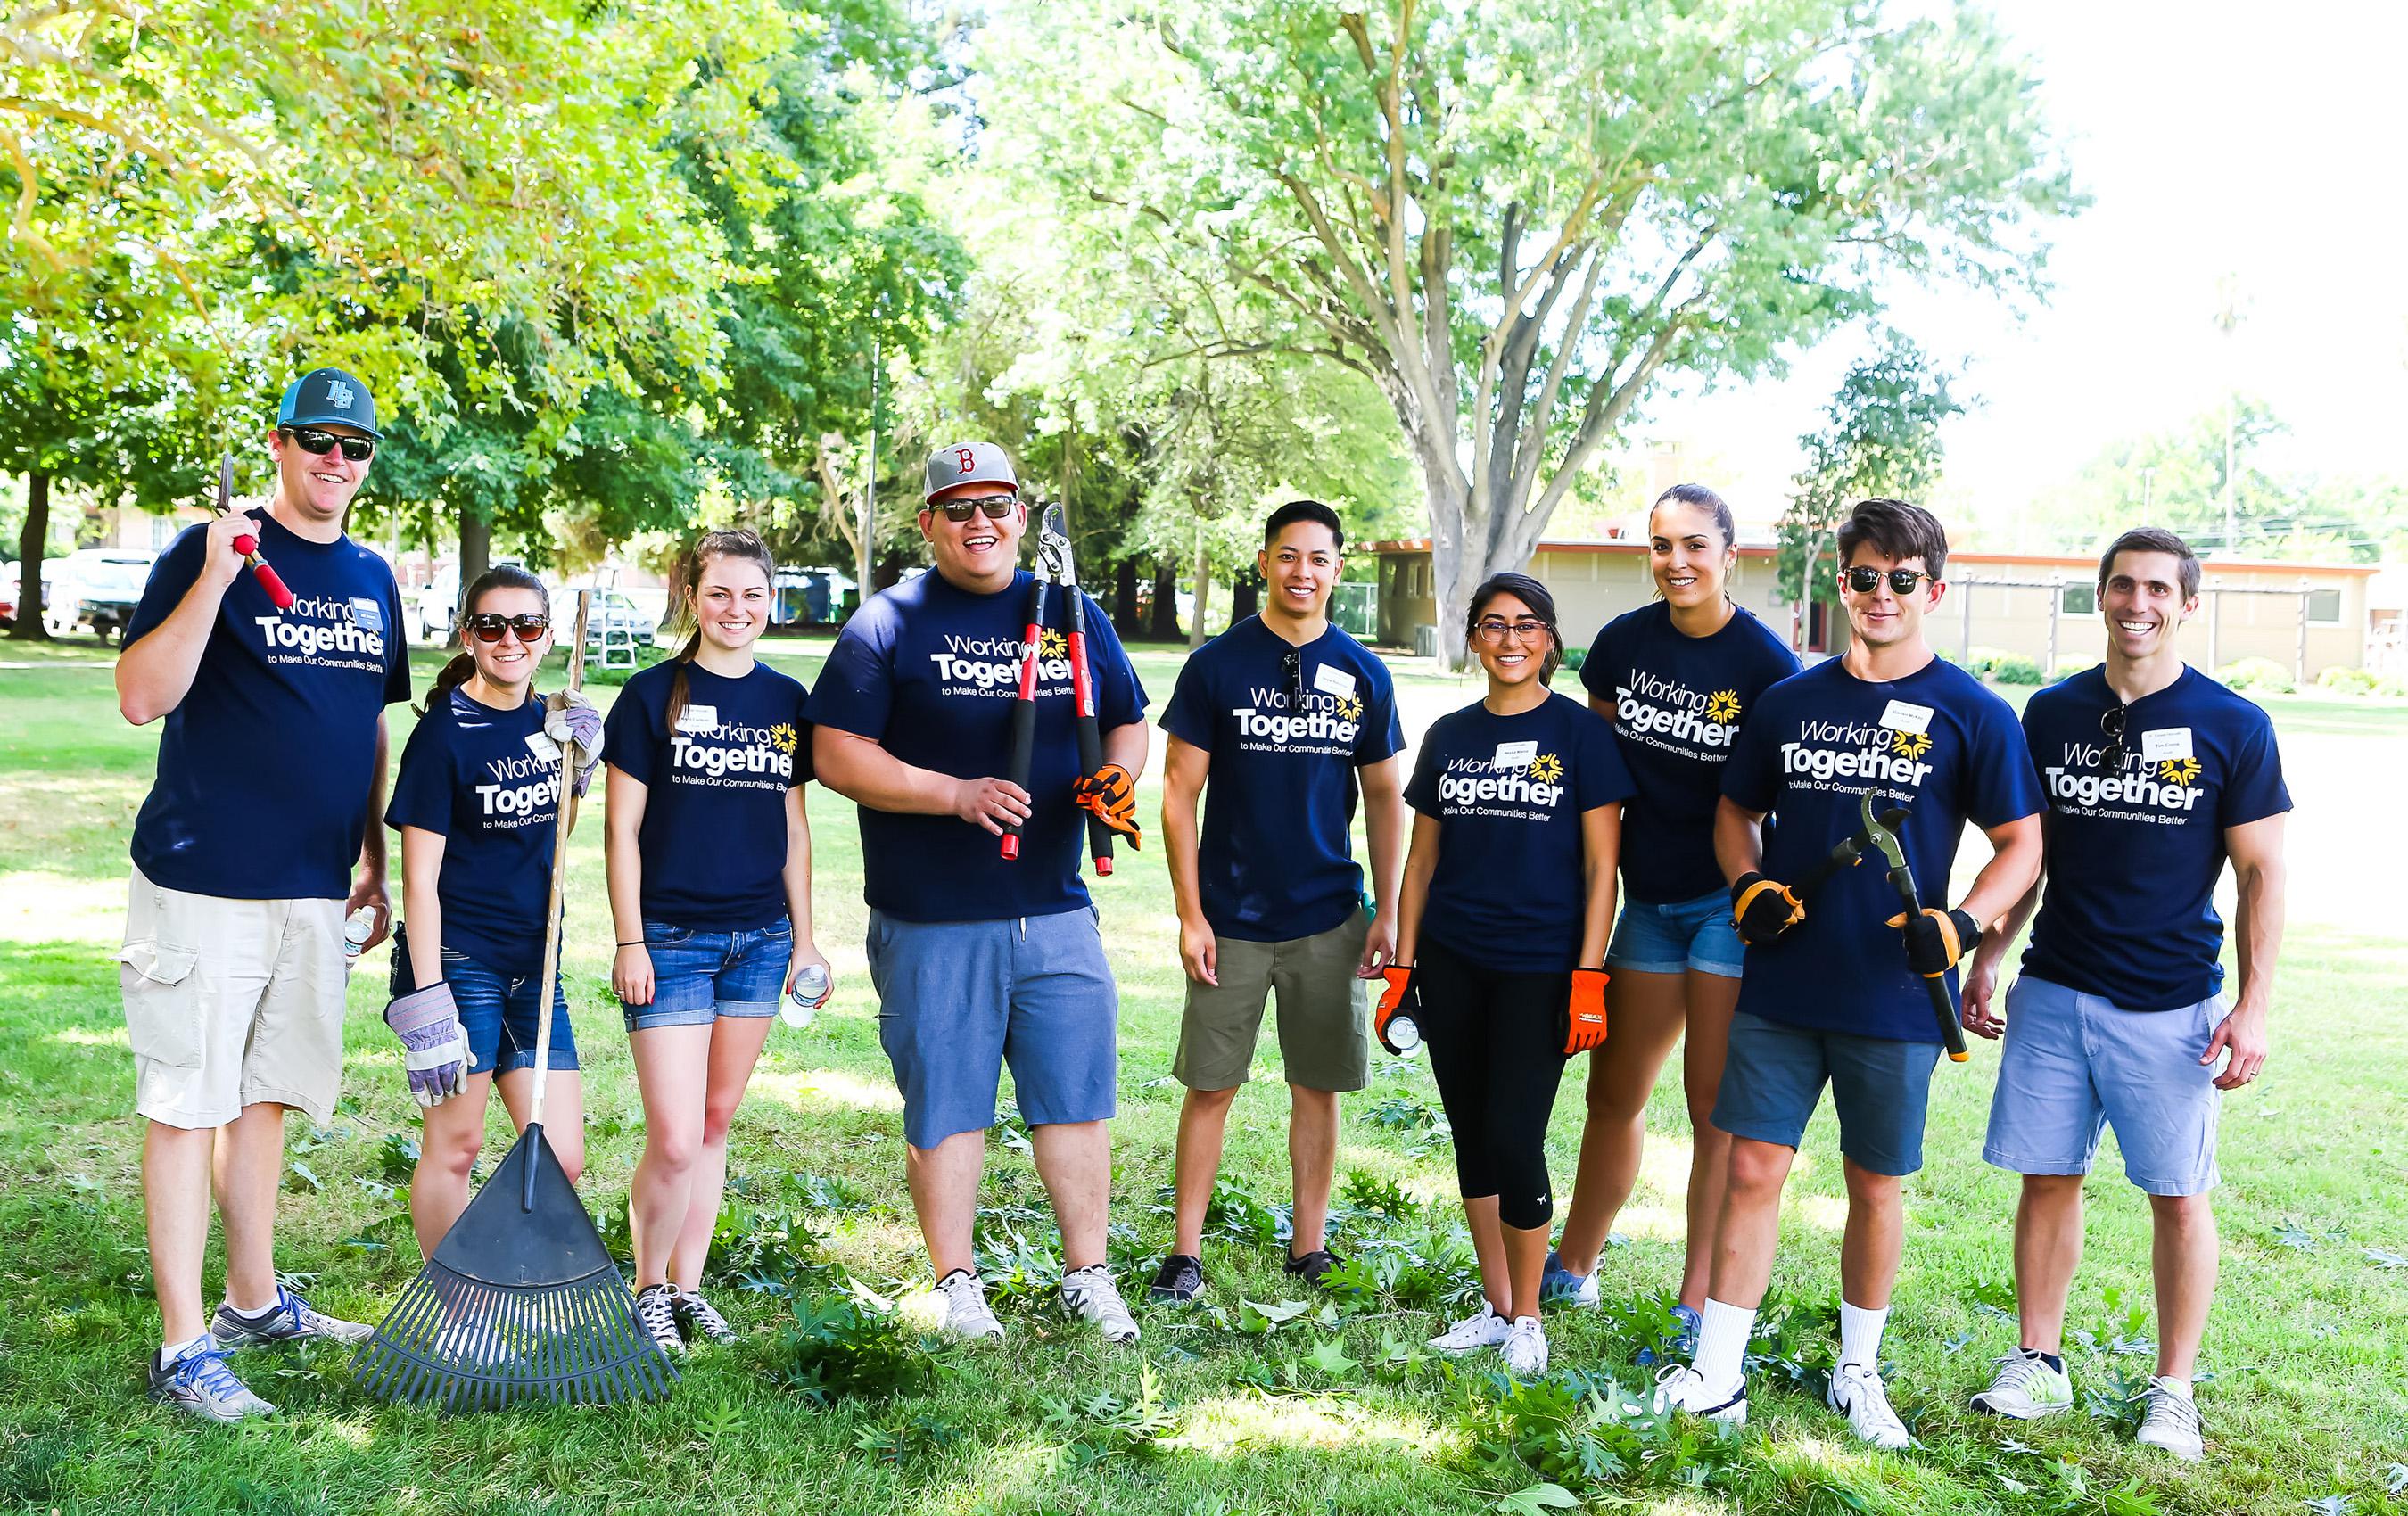 Crowe Sacramento team members volunteer in their community.